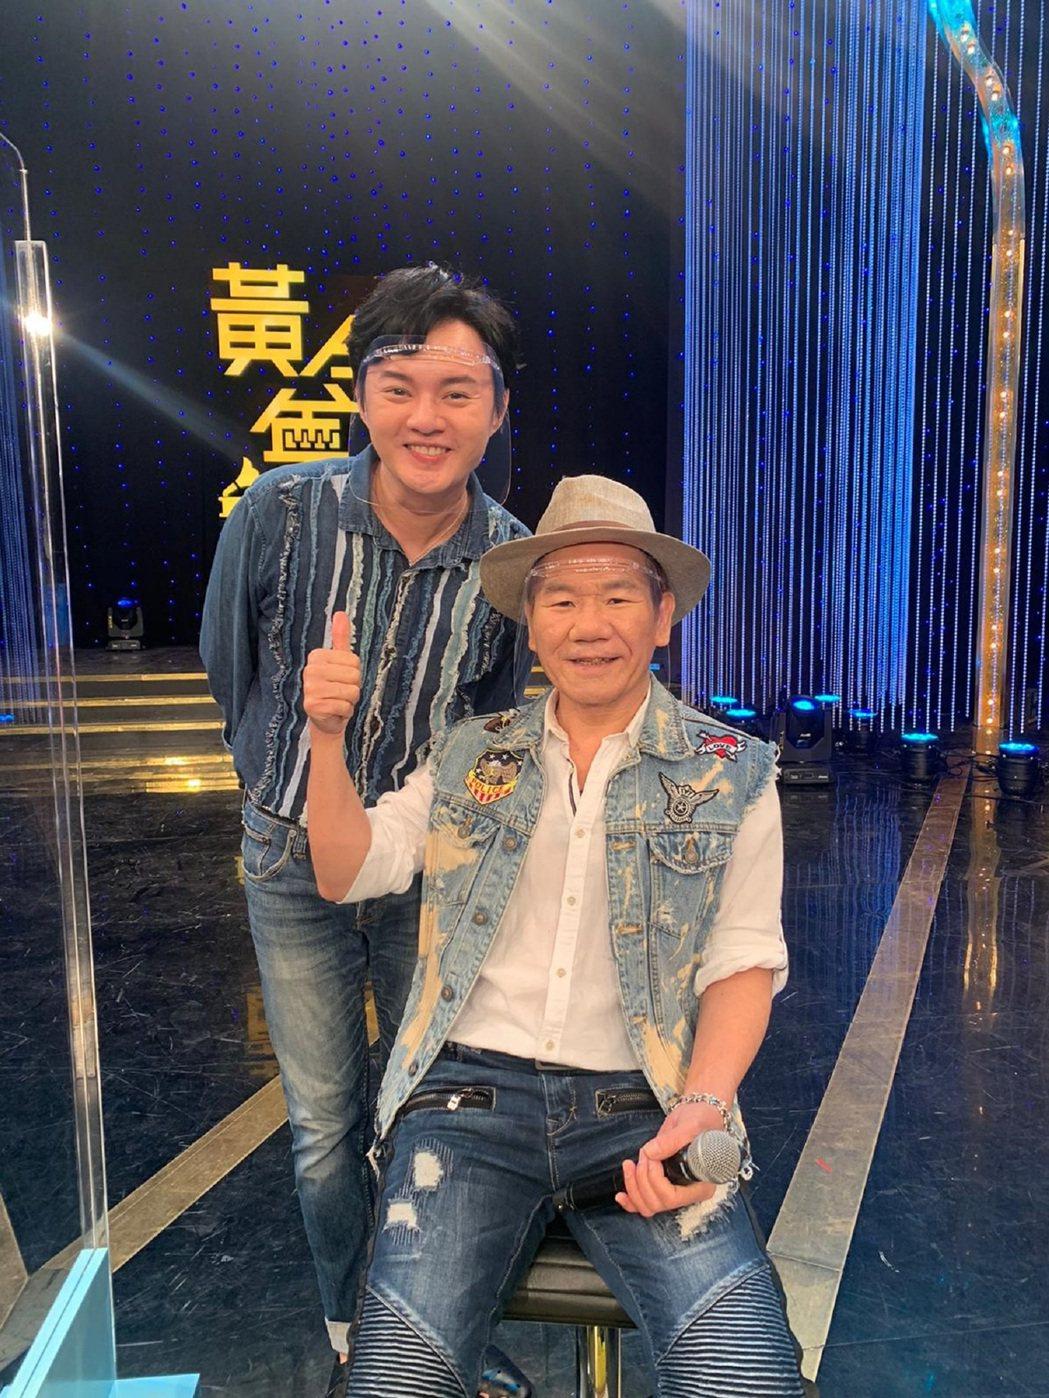 趙傳(右)和許富凱的演唱會都因疫情延期,彼此相互打氣。圖/黃金年代提供